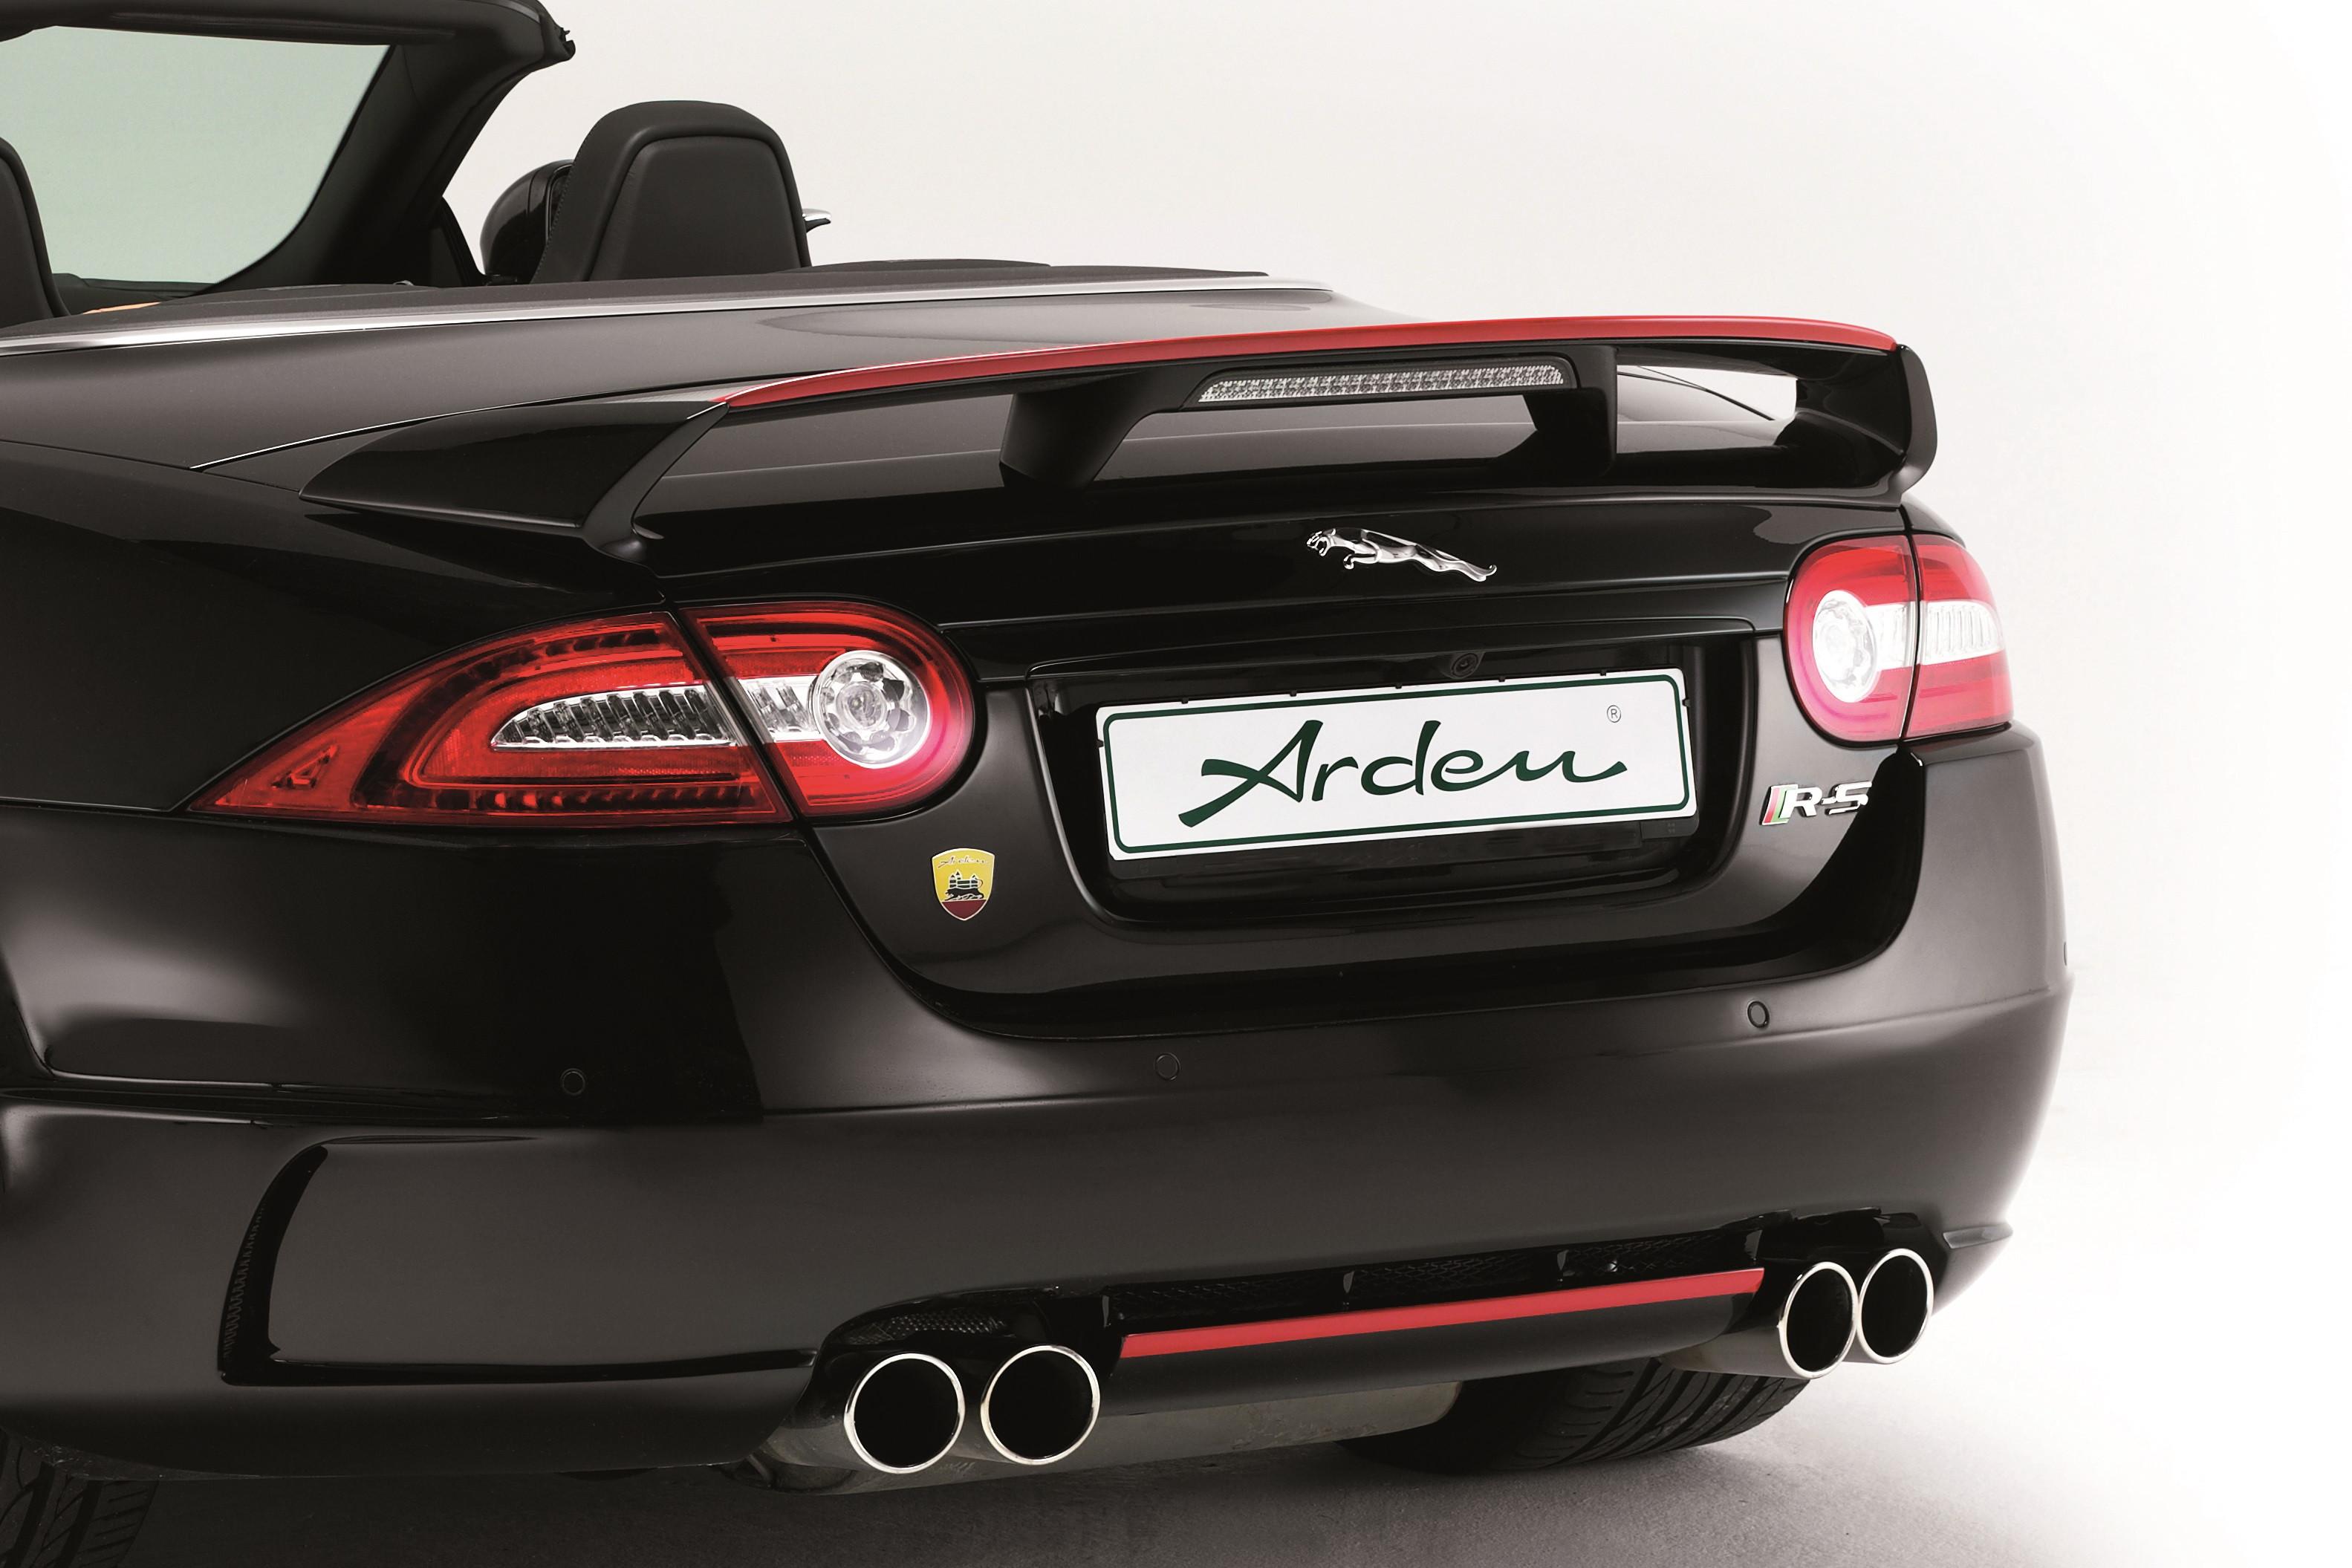 Arden Gurney Flap (Carbon) für Jaguar XKR-S ab 2012